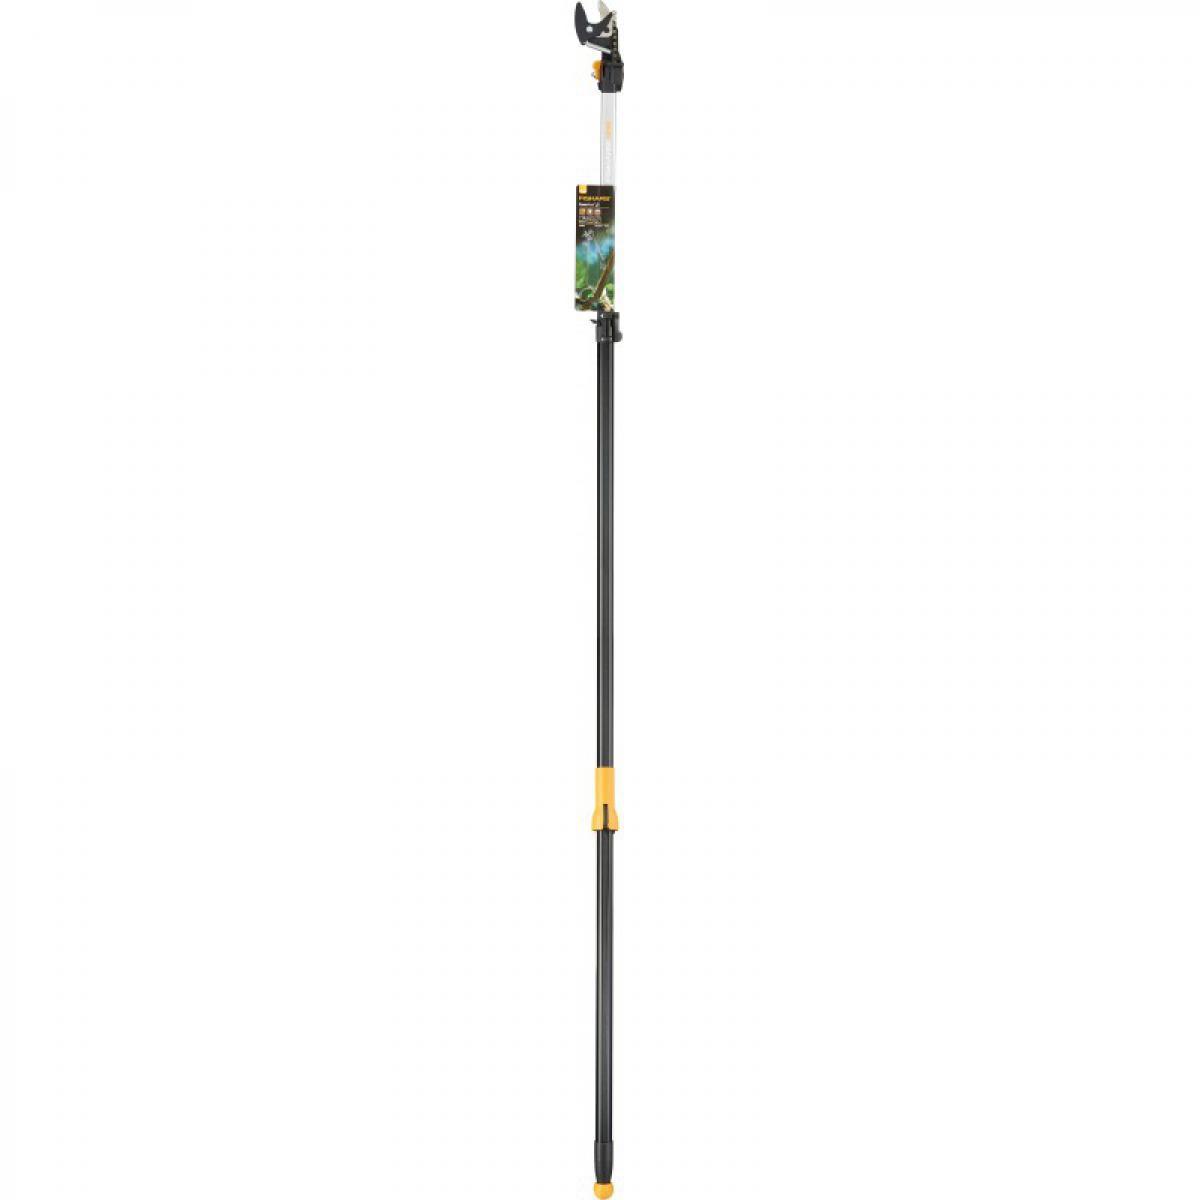 Fiskars Coupe-branche multifonctions télescopique 6,50 m ø 32 mm - Fiskars 115560 UP86